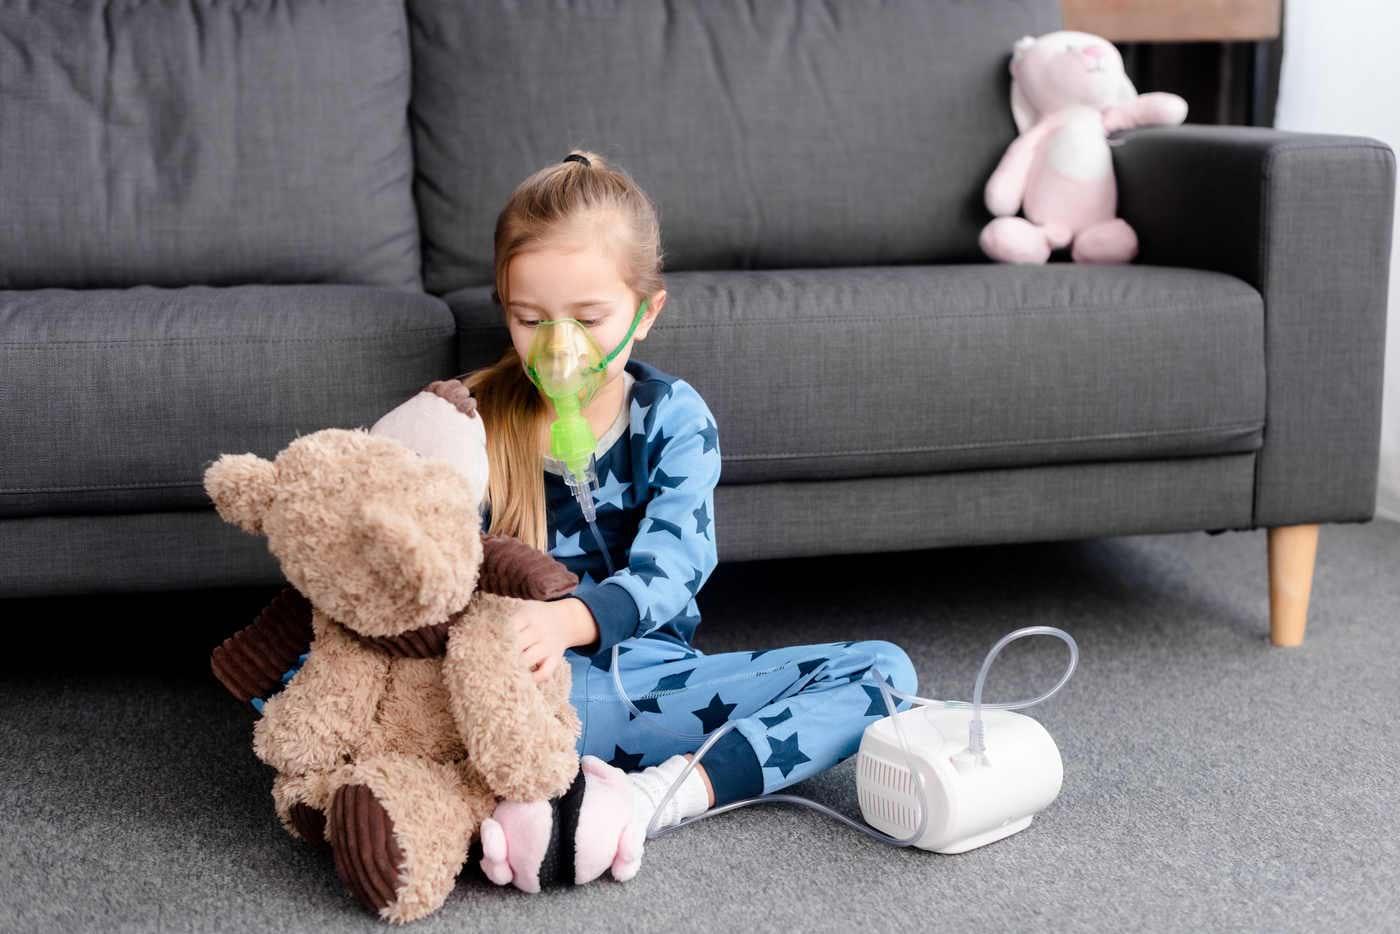 Cum se folosește corect aparatul de aerosoli la copii